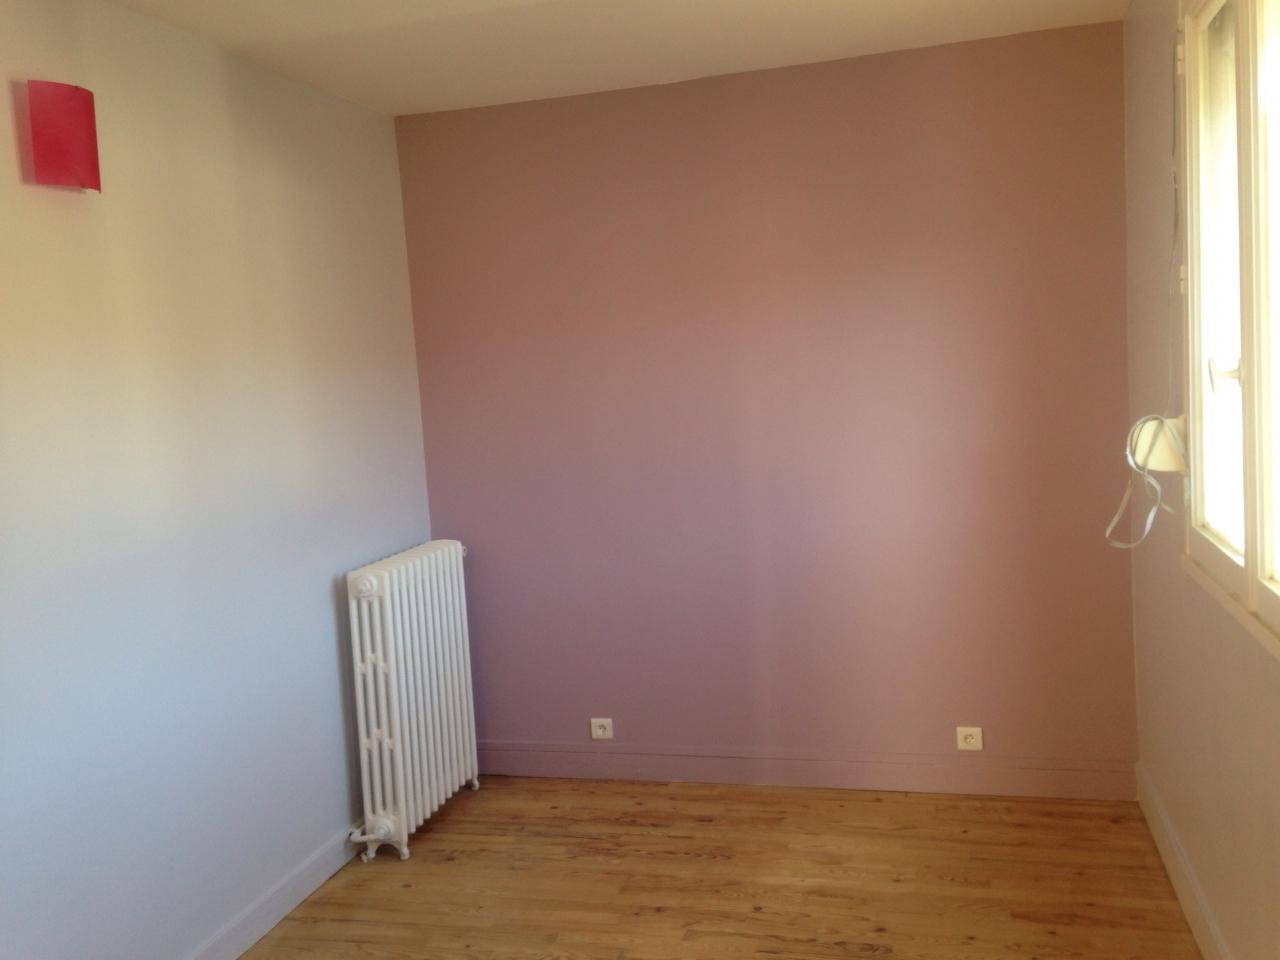 Faience salle de bain couleur for Peinture murs salon